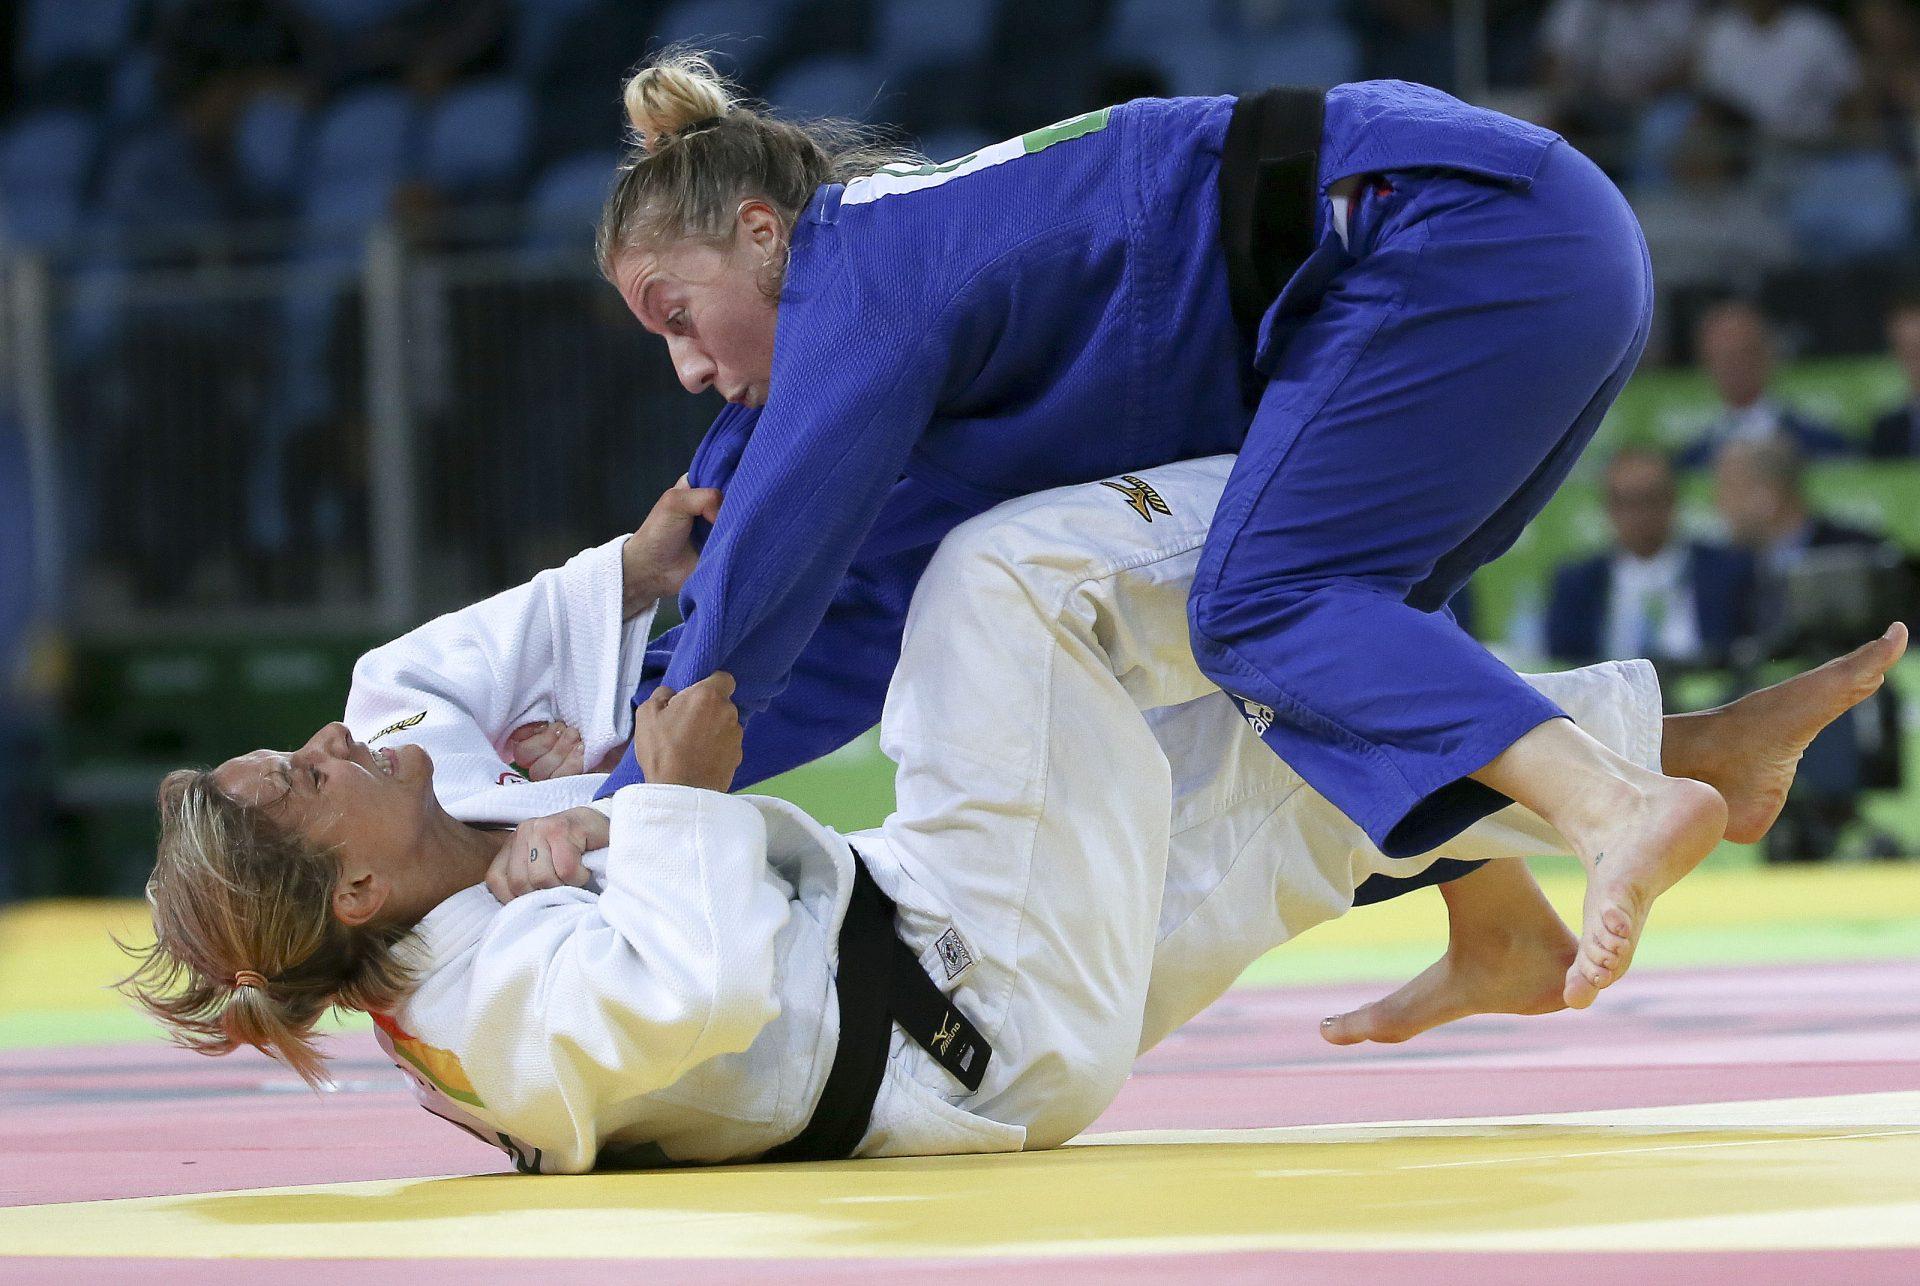 A judoca portuguesa Telma Monteiro conquistou hoje o bronze na categoria de -57kg dos Jogos Olímpicos Rio2016, ao bater a romena Corina Caprioriu por yuko, selando a 24.ª medalha do deporto português em Jogos Olímpicos, Rio de Janeiro, Brasil, 08 de agosto de 2016. Depois de cinco medalhas em Mundiais e 11 em Europeus, a judoca do Benfica arrebatou, finalmente, o 'metal' olímpico, depois do 12.º lugar de Atenas2004 e do nono em Pequim2008, ainda na categoria de -52kg, e do 17.º em Londres2012. INÁCIO ROSA/LUSA